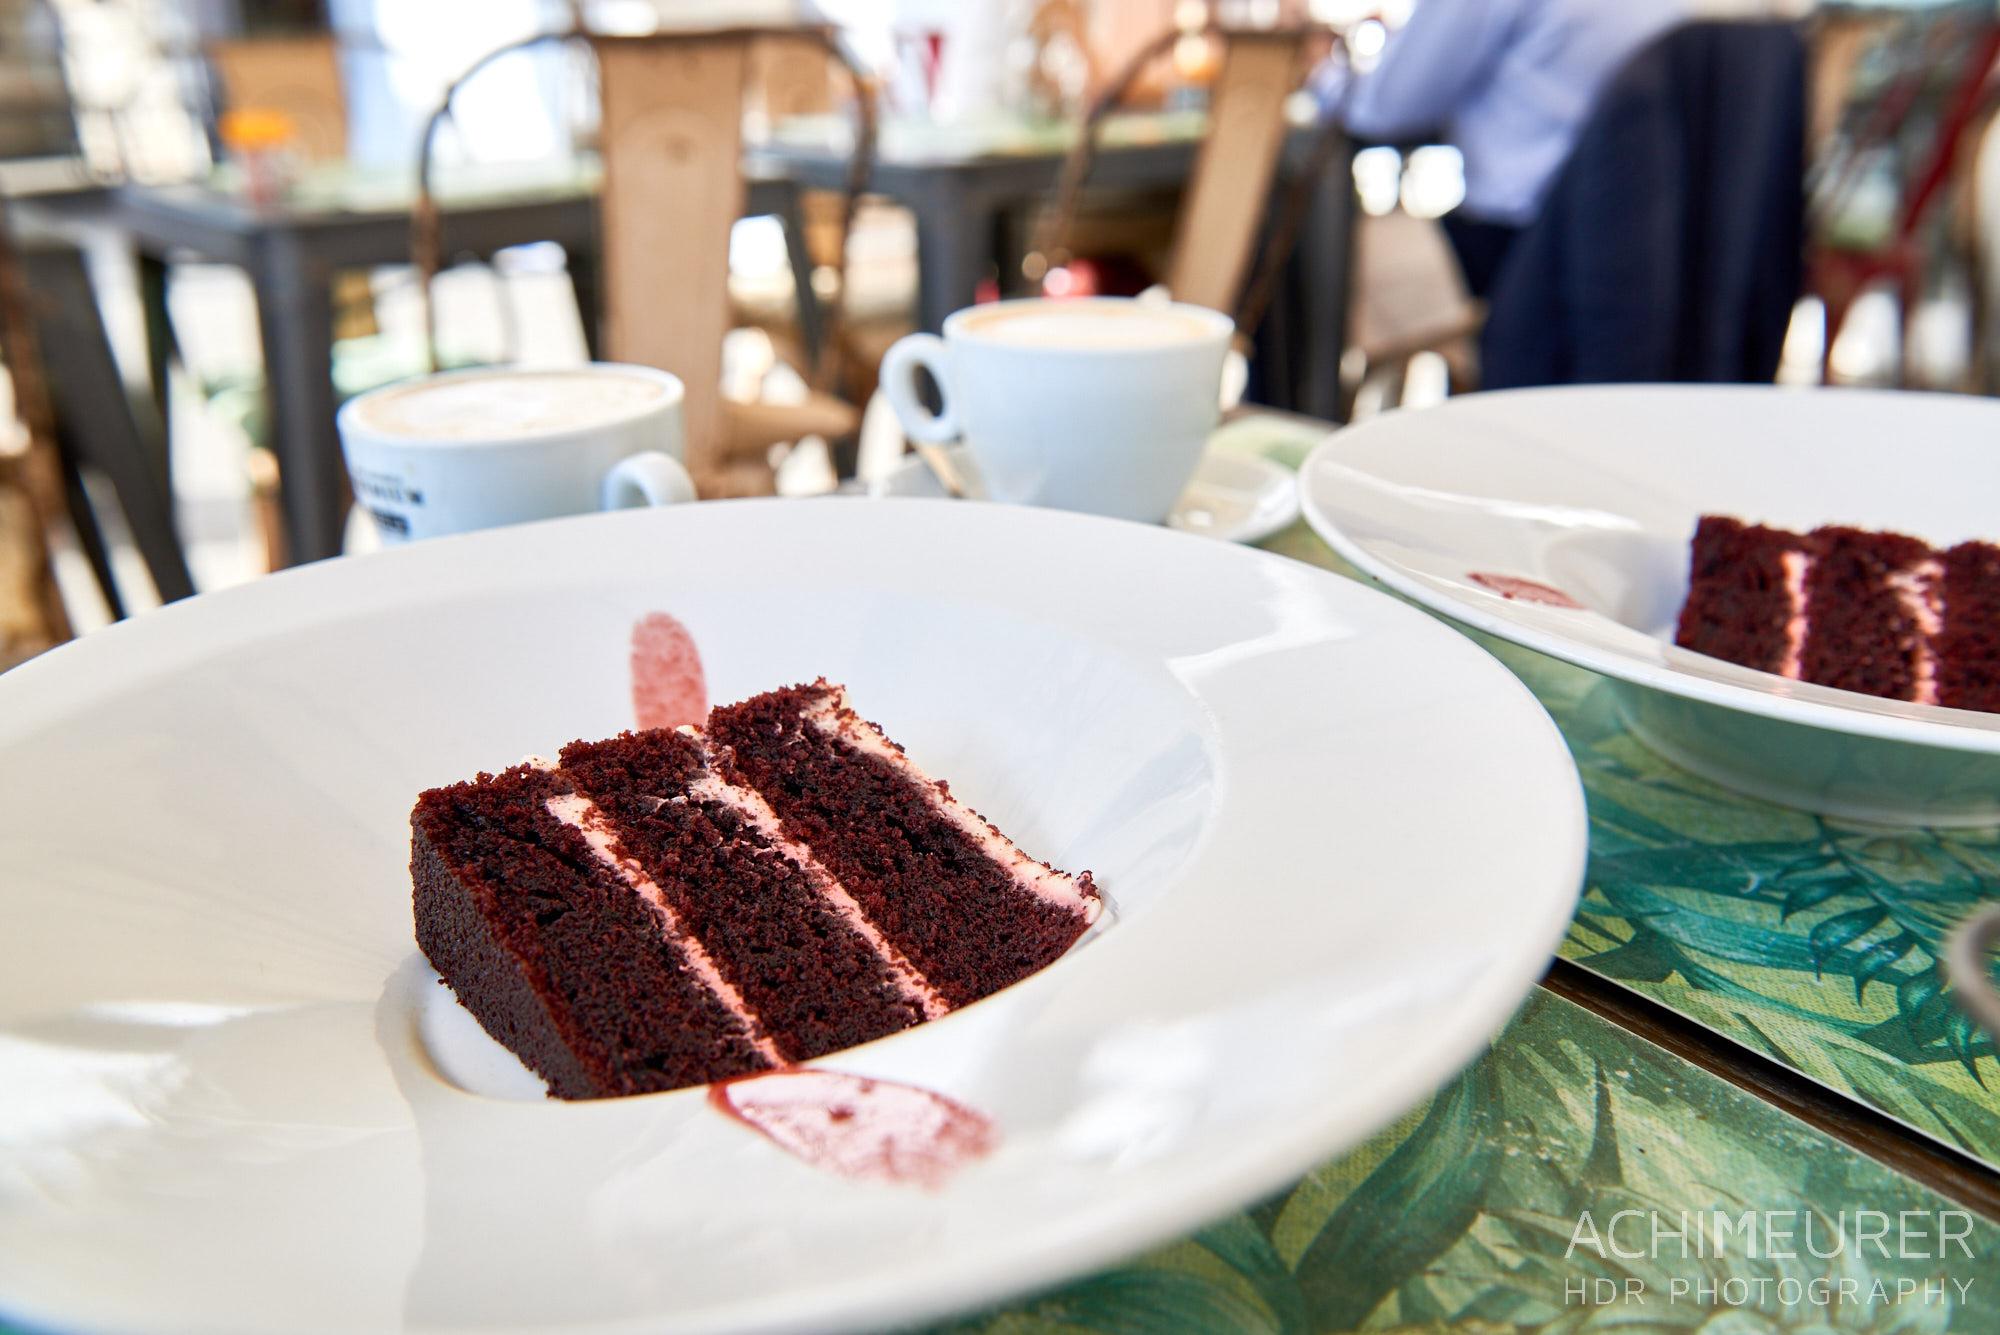 Kuchen, Dessert, Nachspeise, Sitges, Katalonien, Spanien by AchimMeurer.com                     .